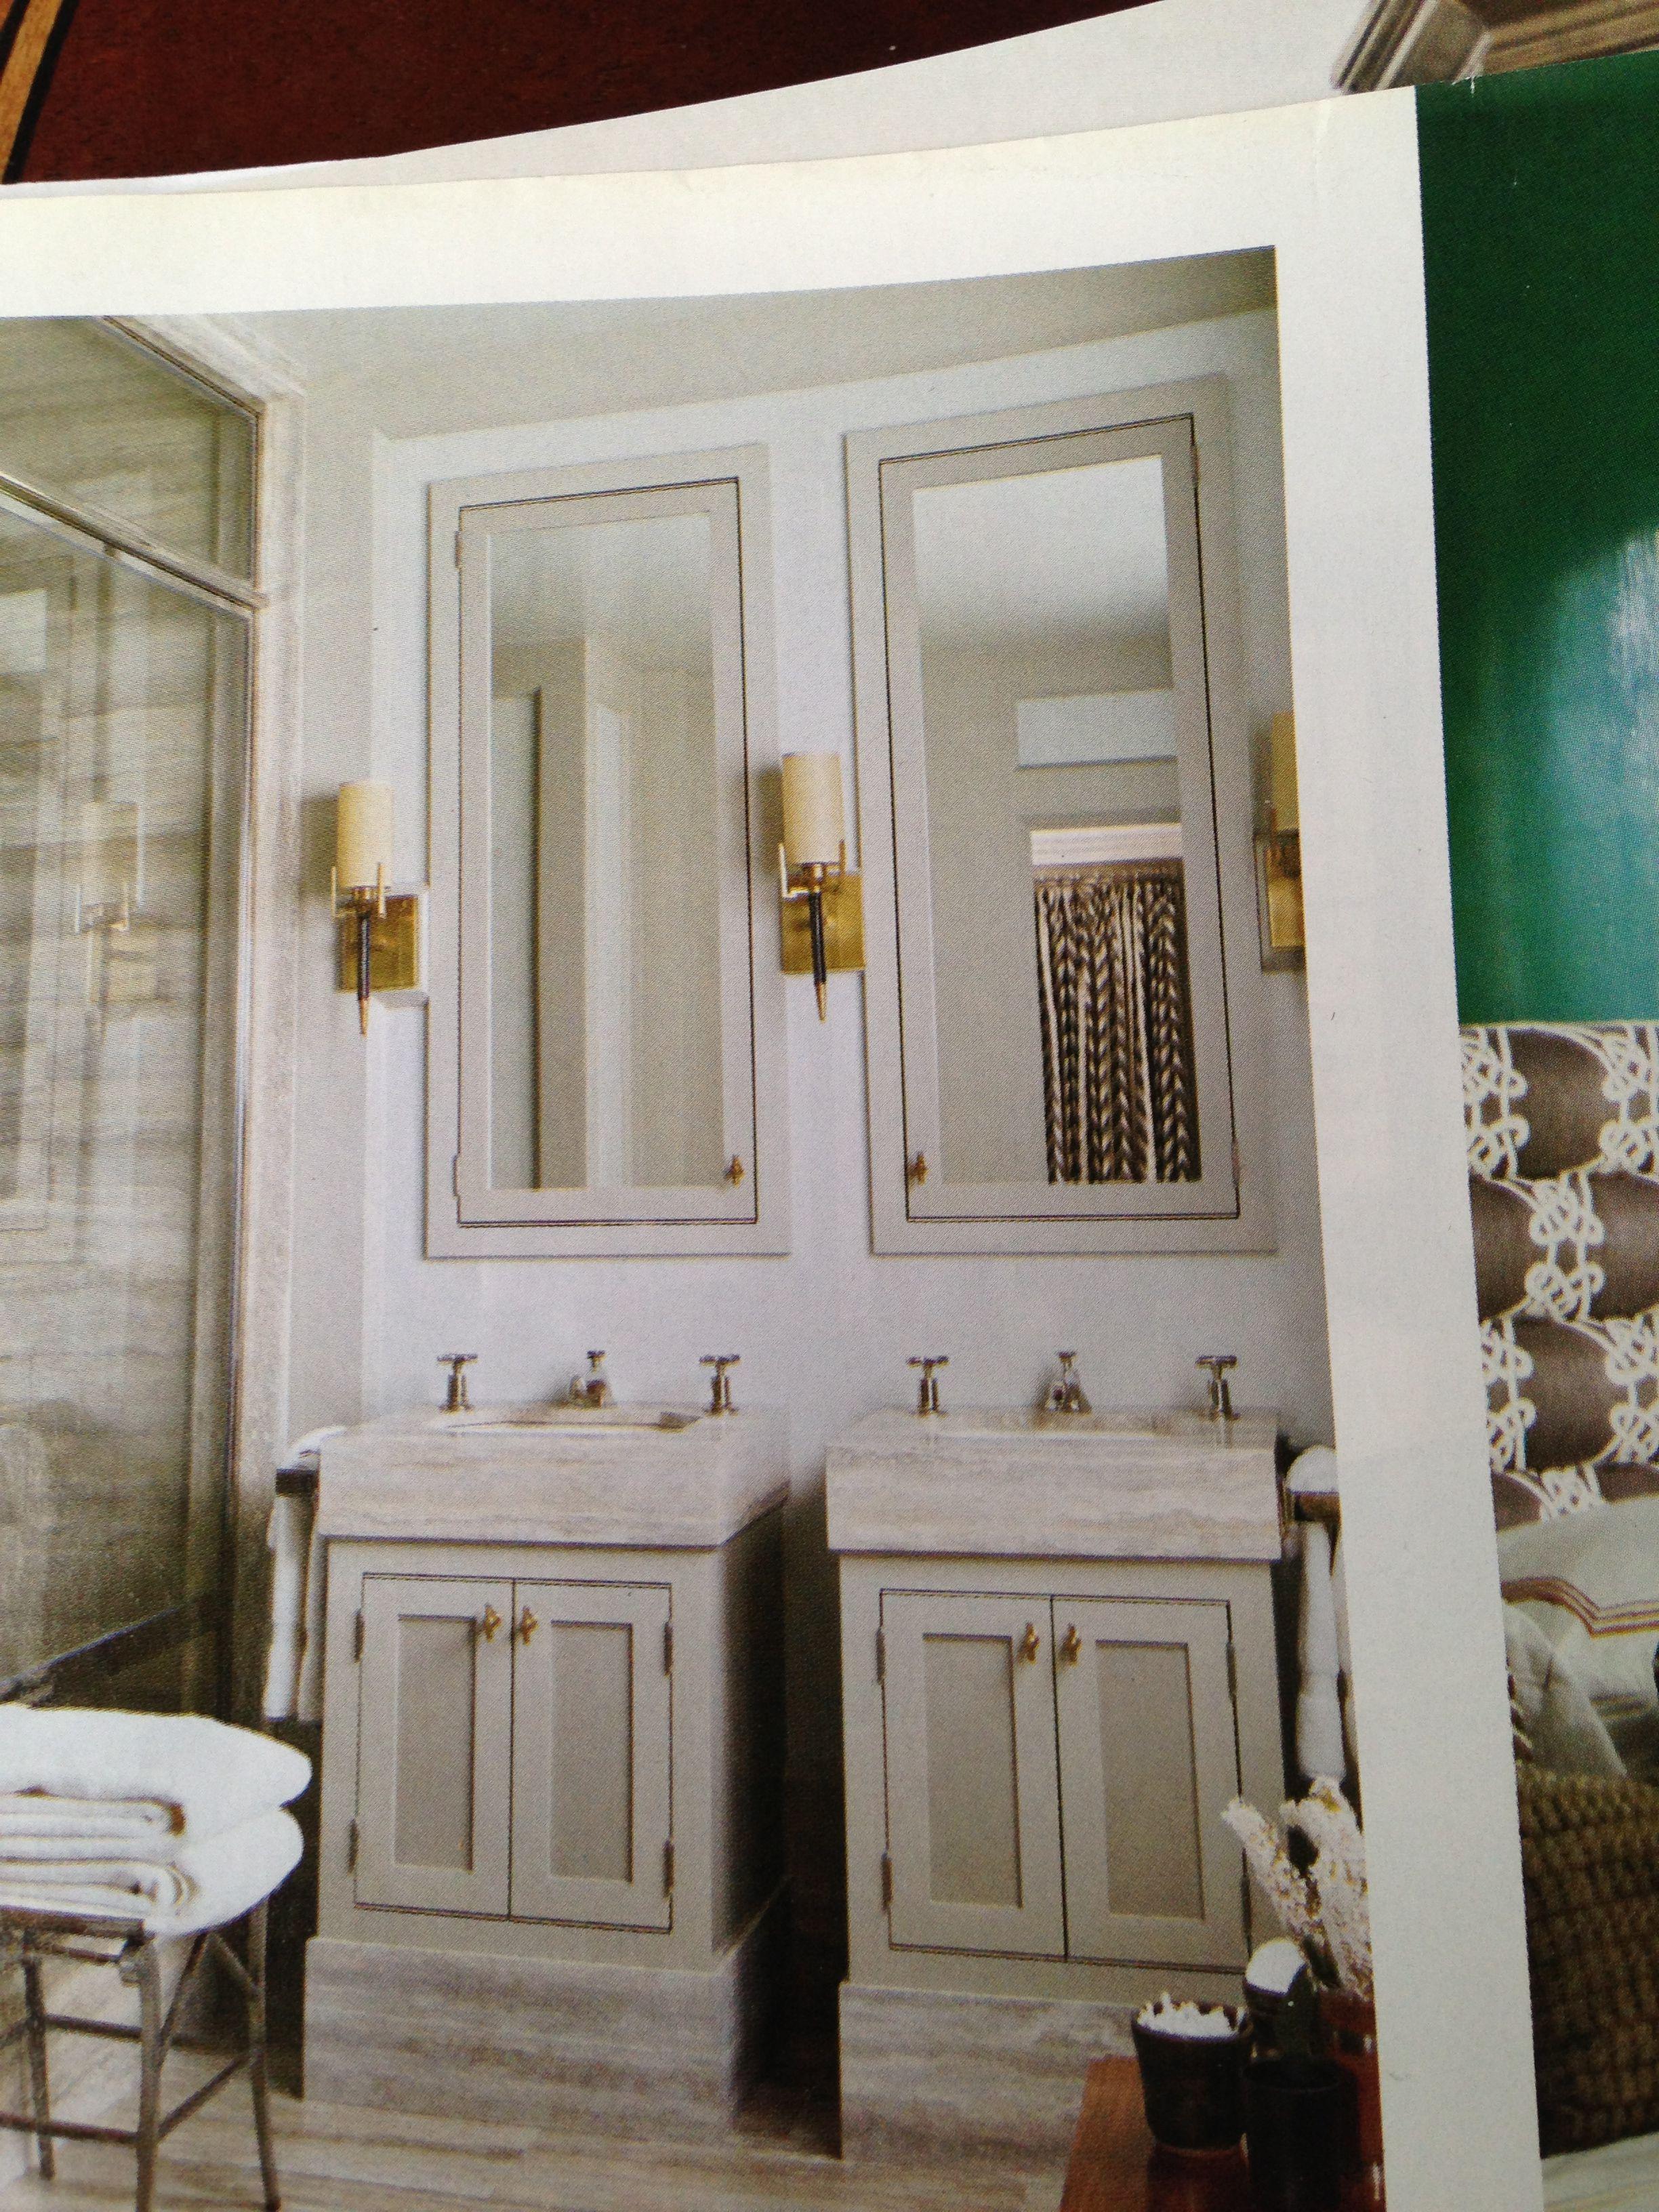 Extra Tall Medicine Cabinets Bathroom Inspiration Bathroom Renos Bathrooms Remodel